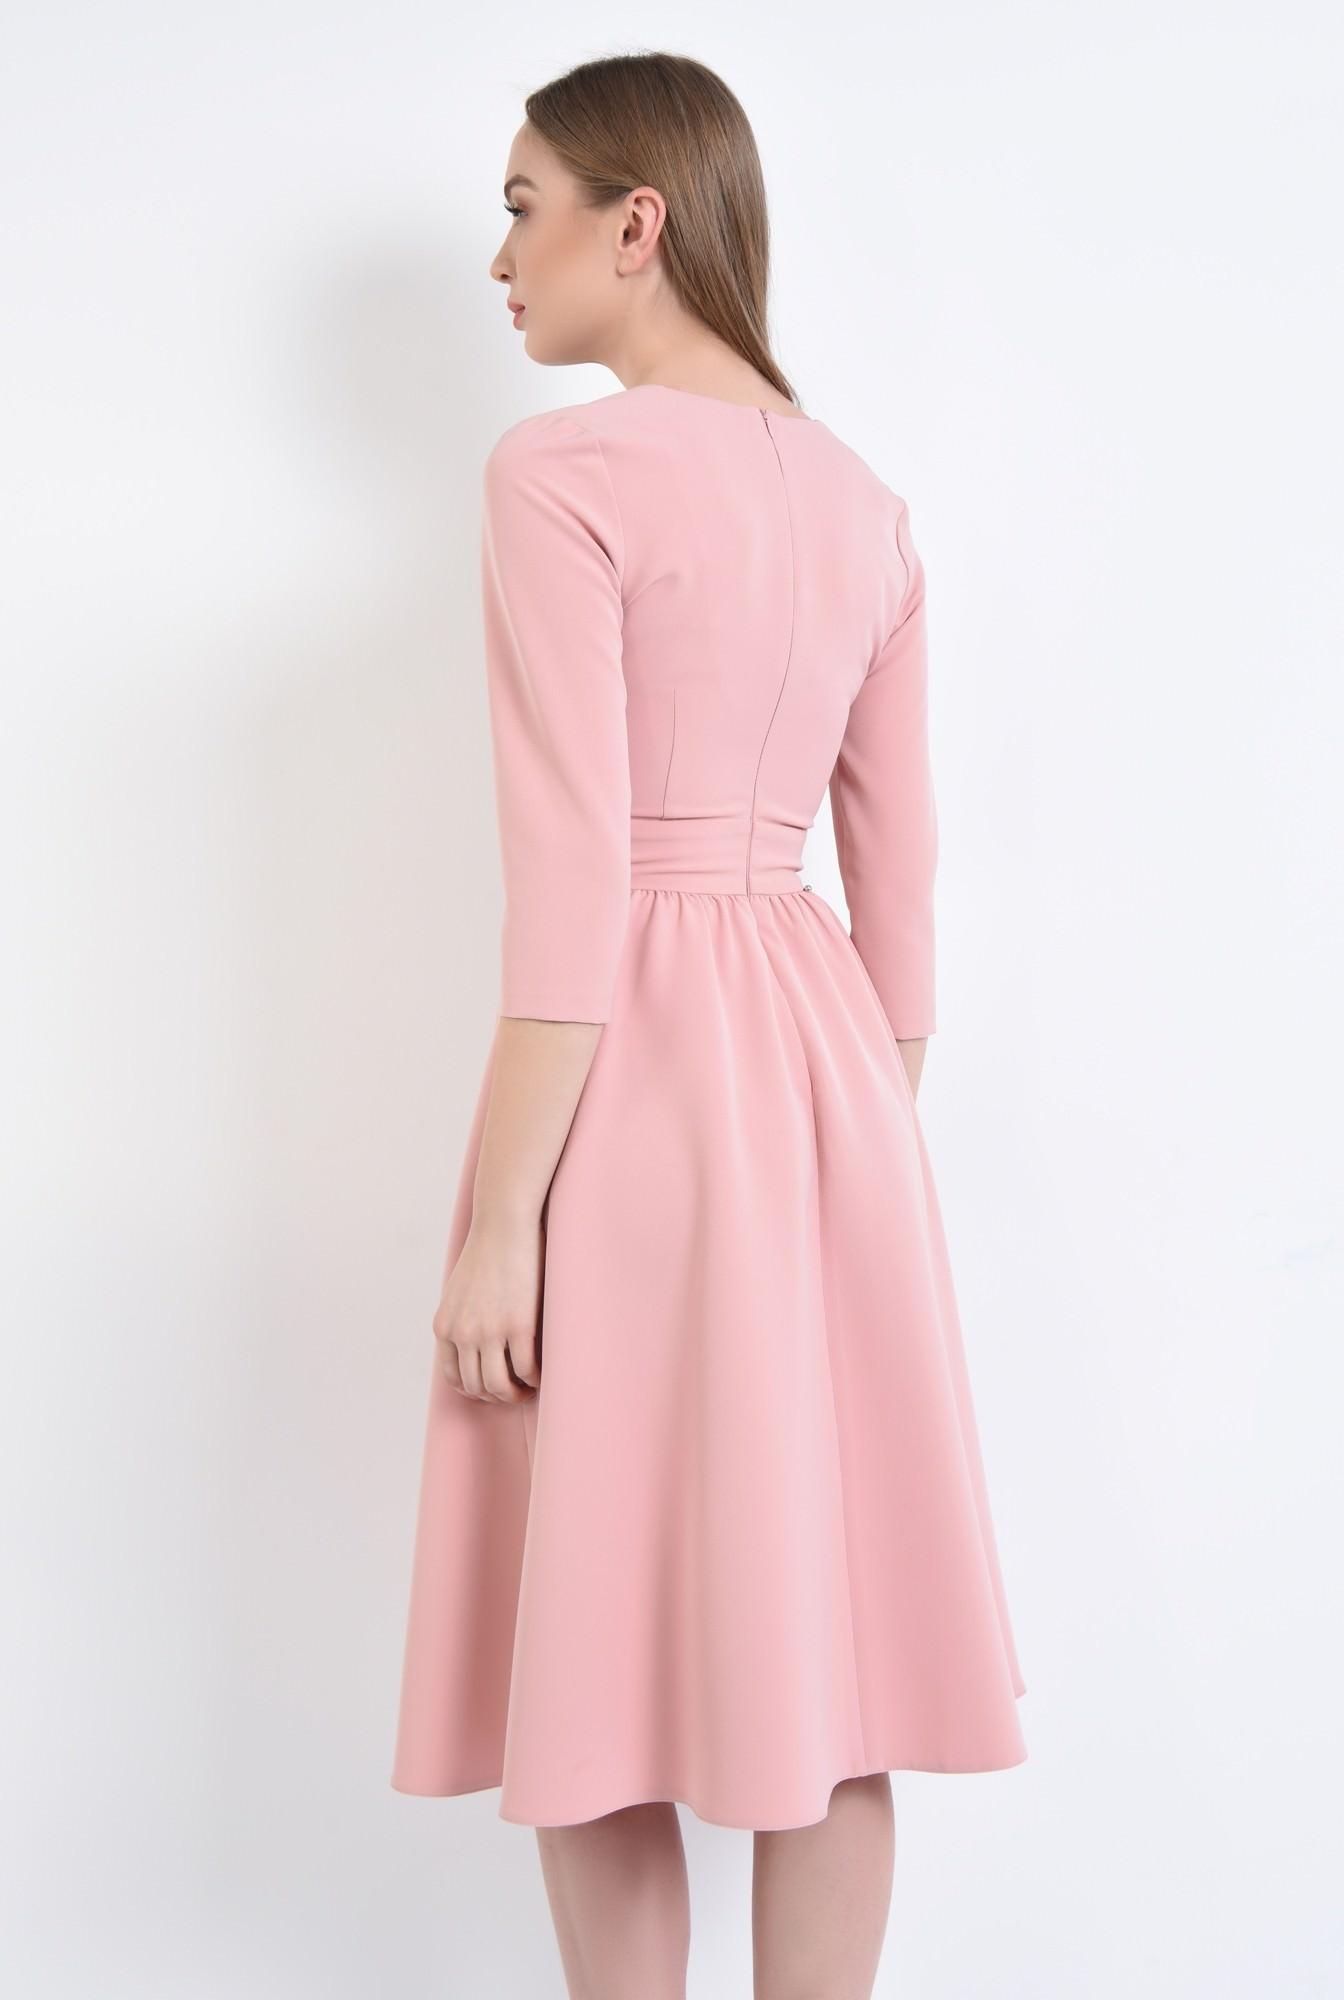 1 - 360 - Rochie casual roz, midi